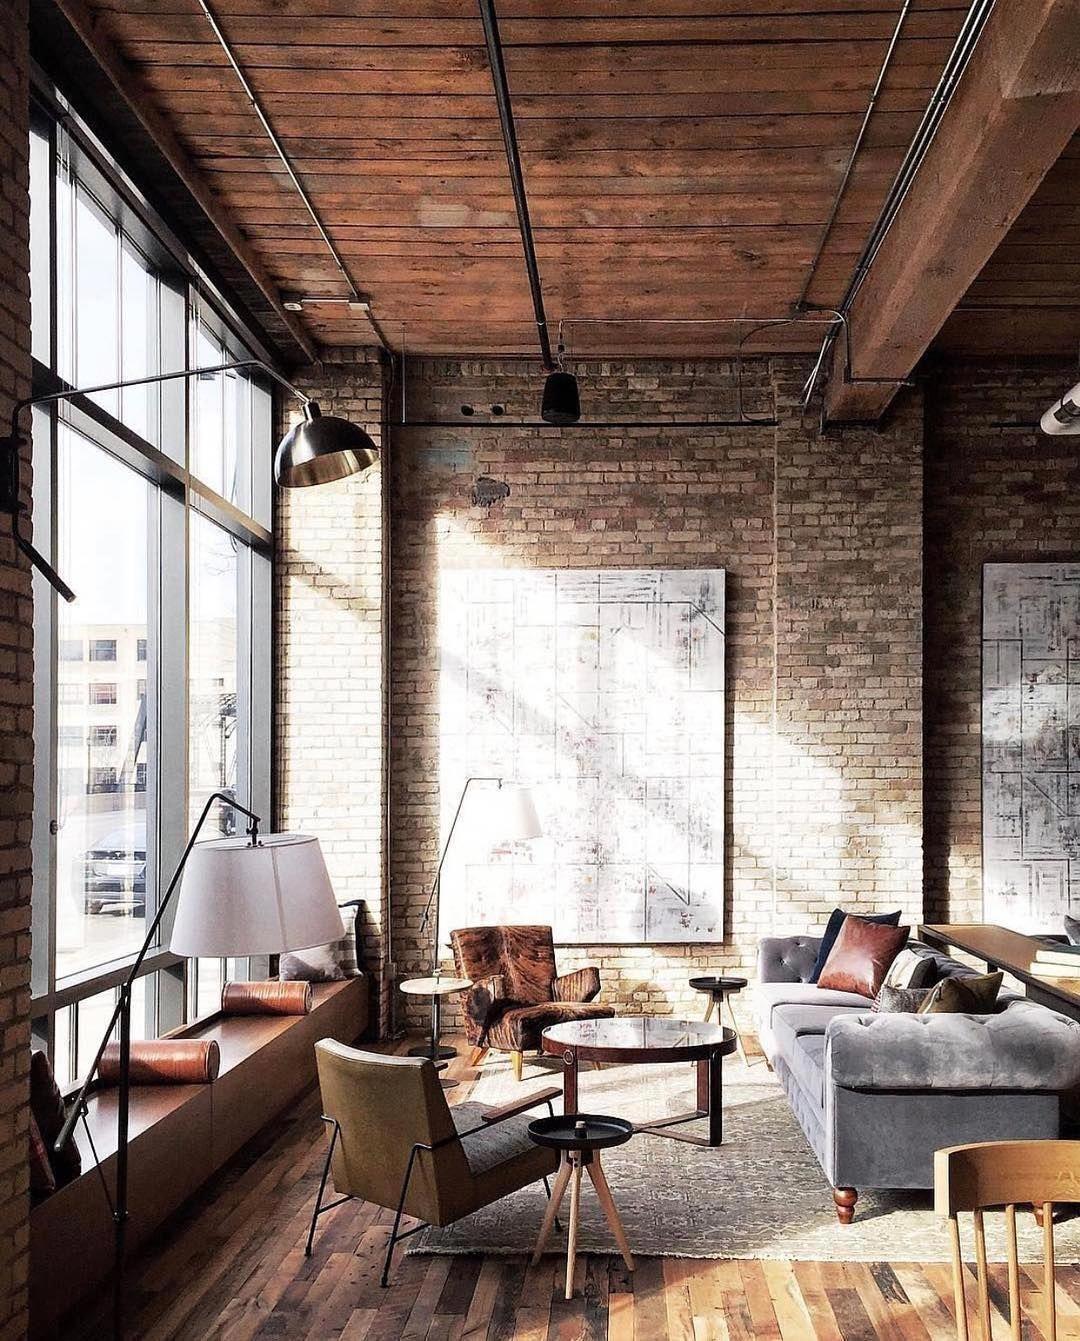 Inspirasi loft atau apartemen dengan desain interior industrial - source: pinterest.com